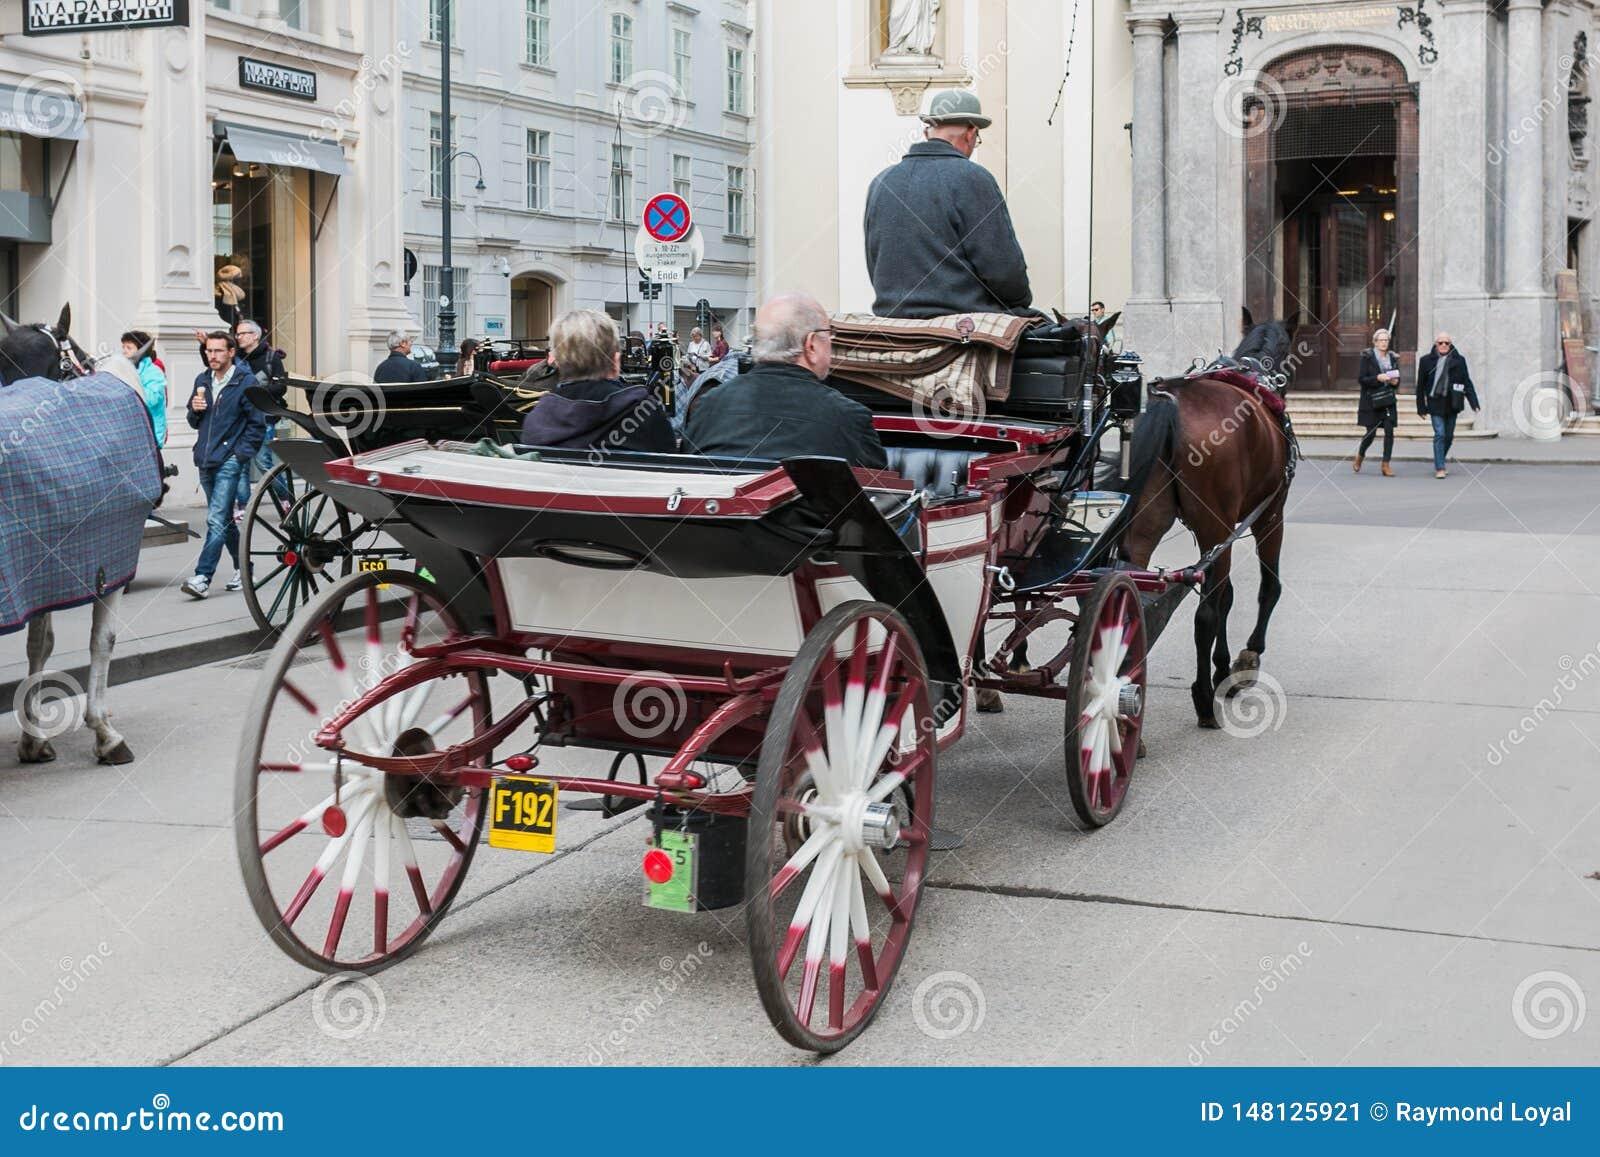 Экипаж с лошадями, водителем и туристами в Вене на экскурсионном туре вокруг города